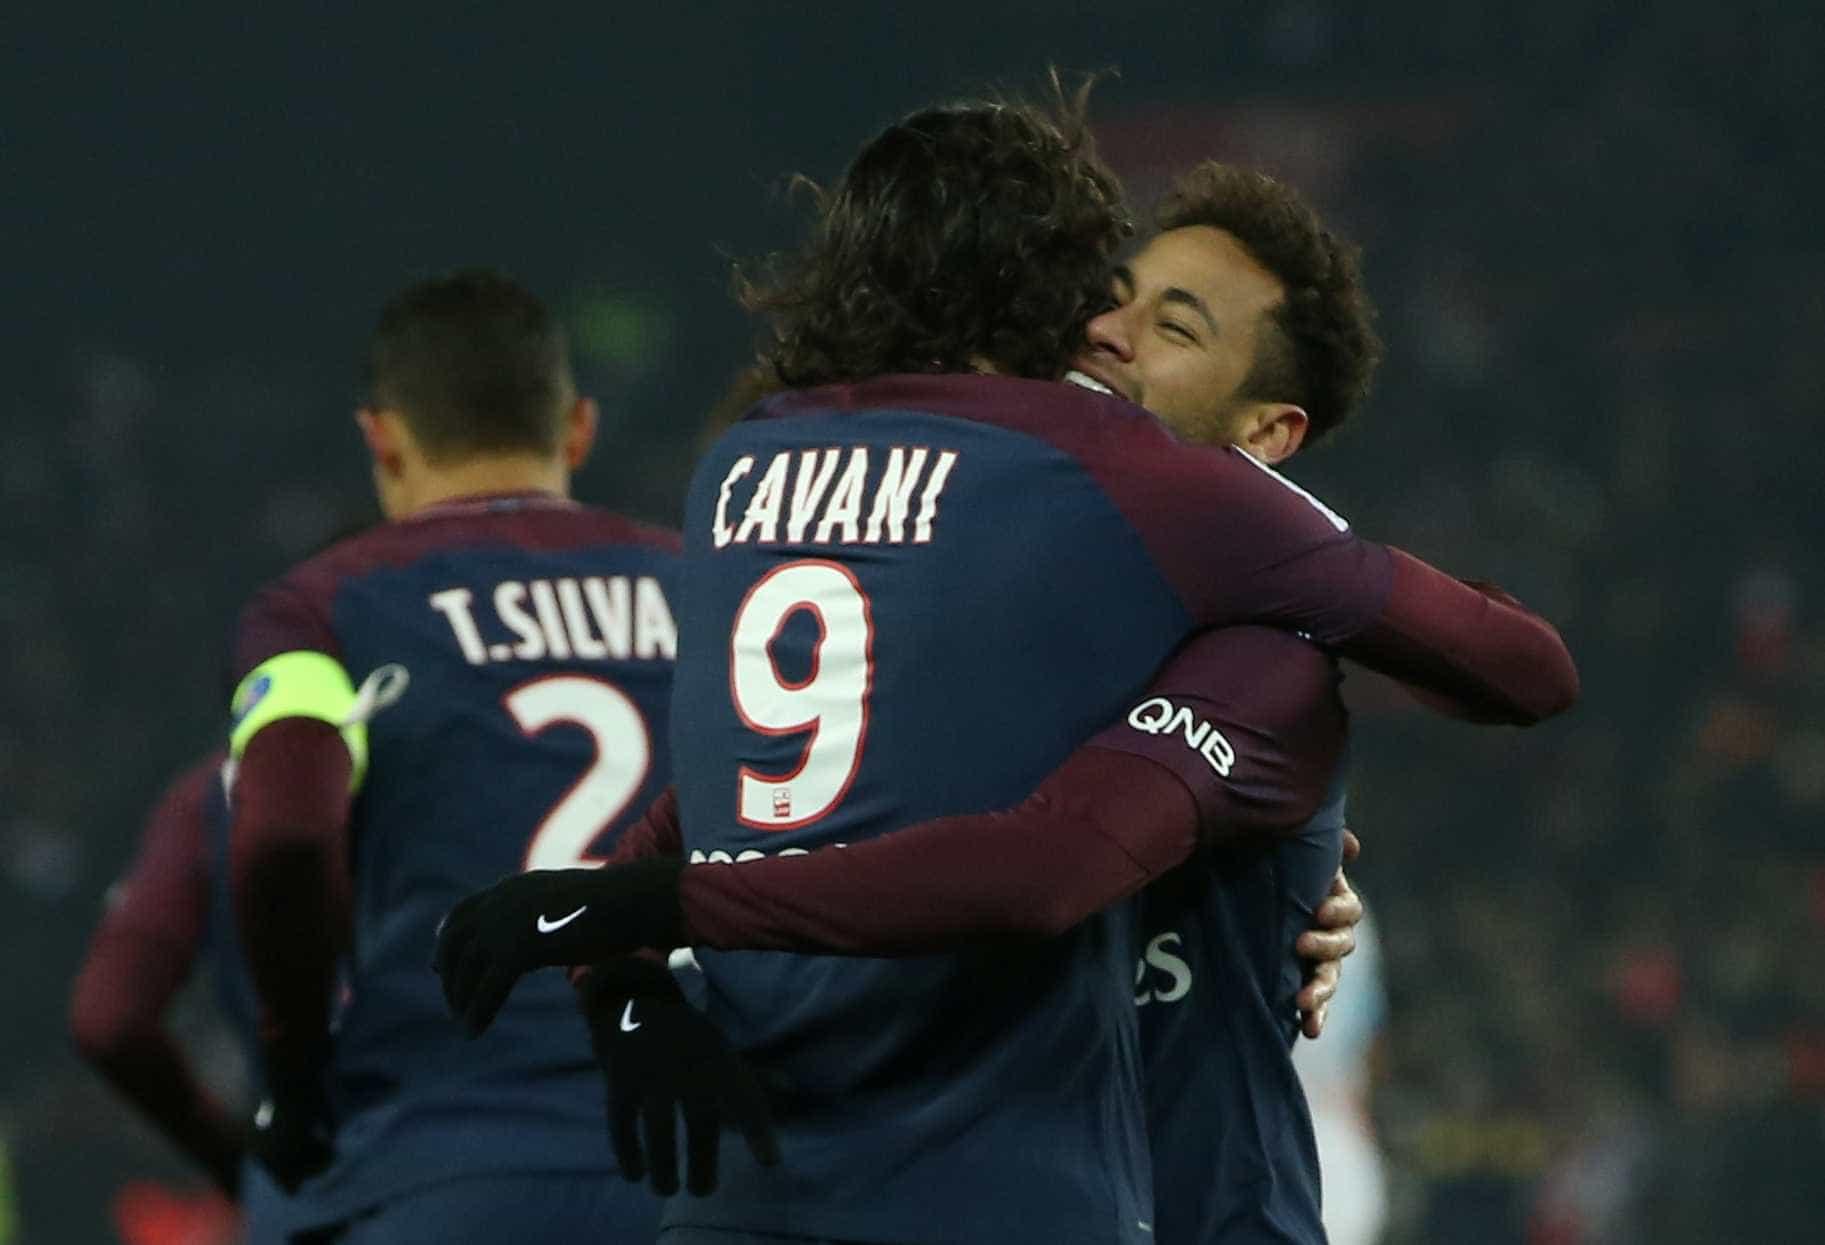 Trégua? Neymar passa a seguir Cavani no Instagram